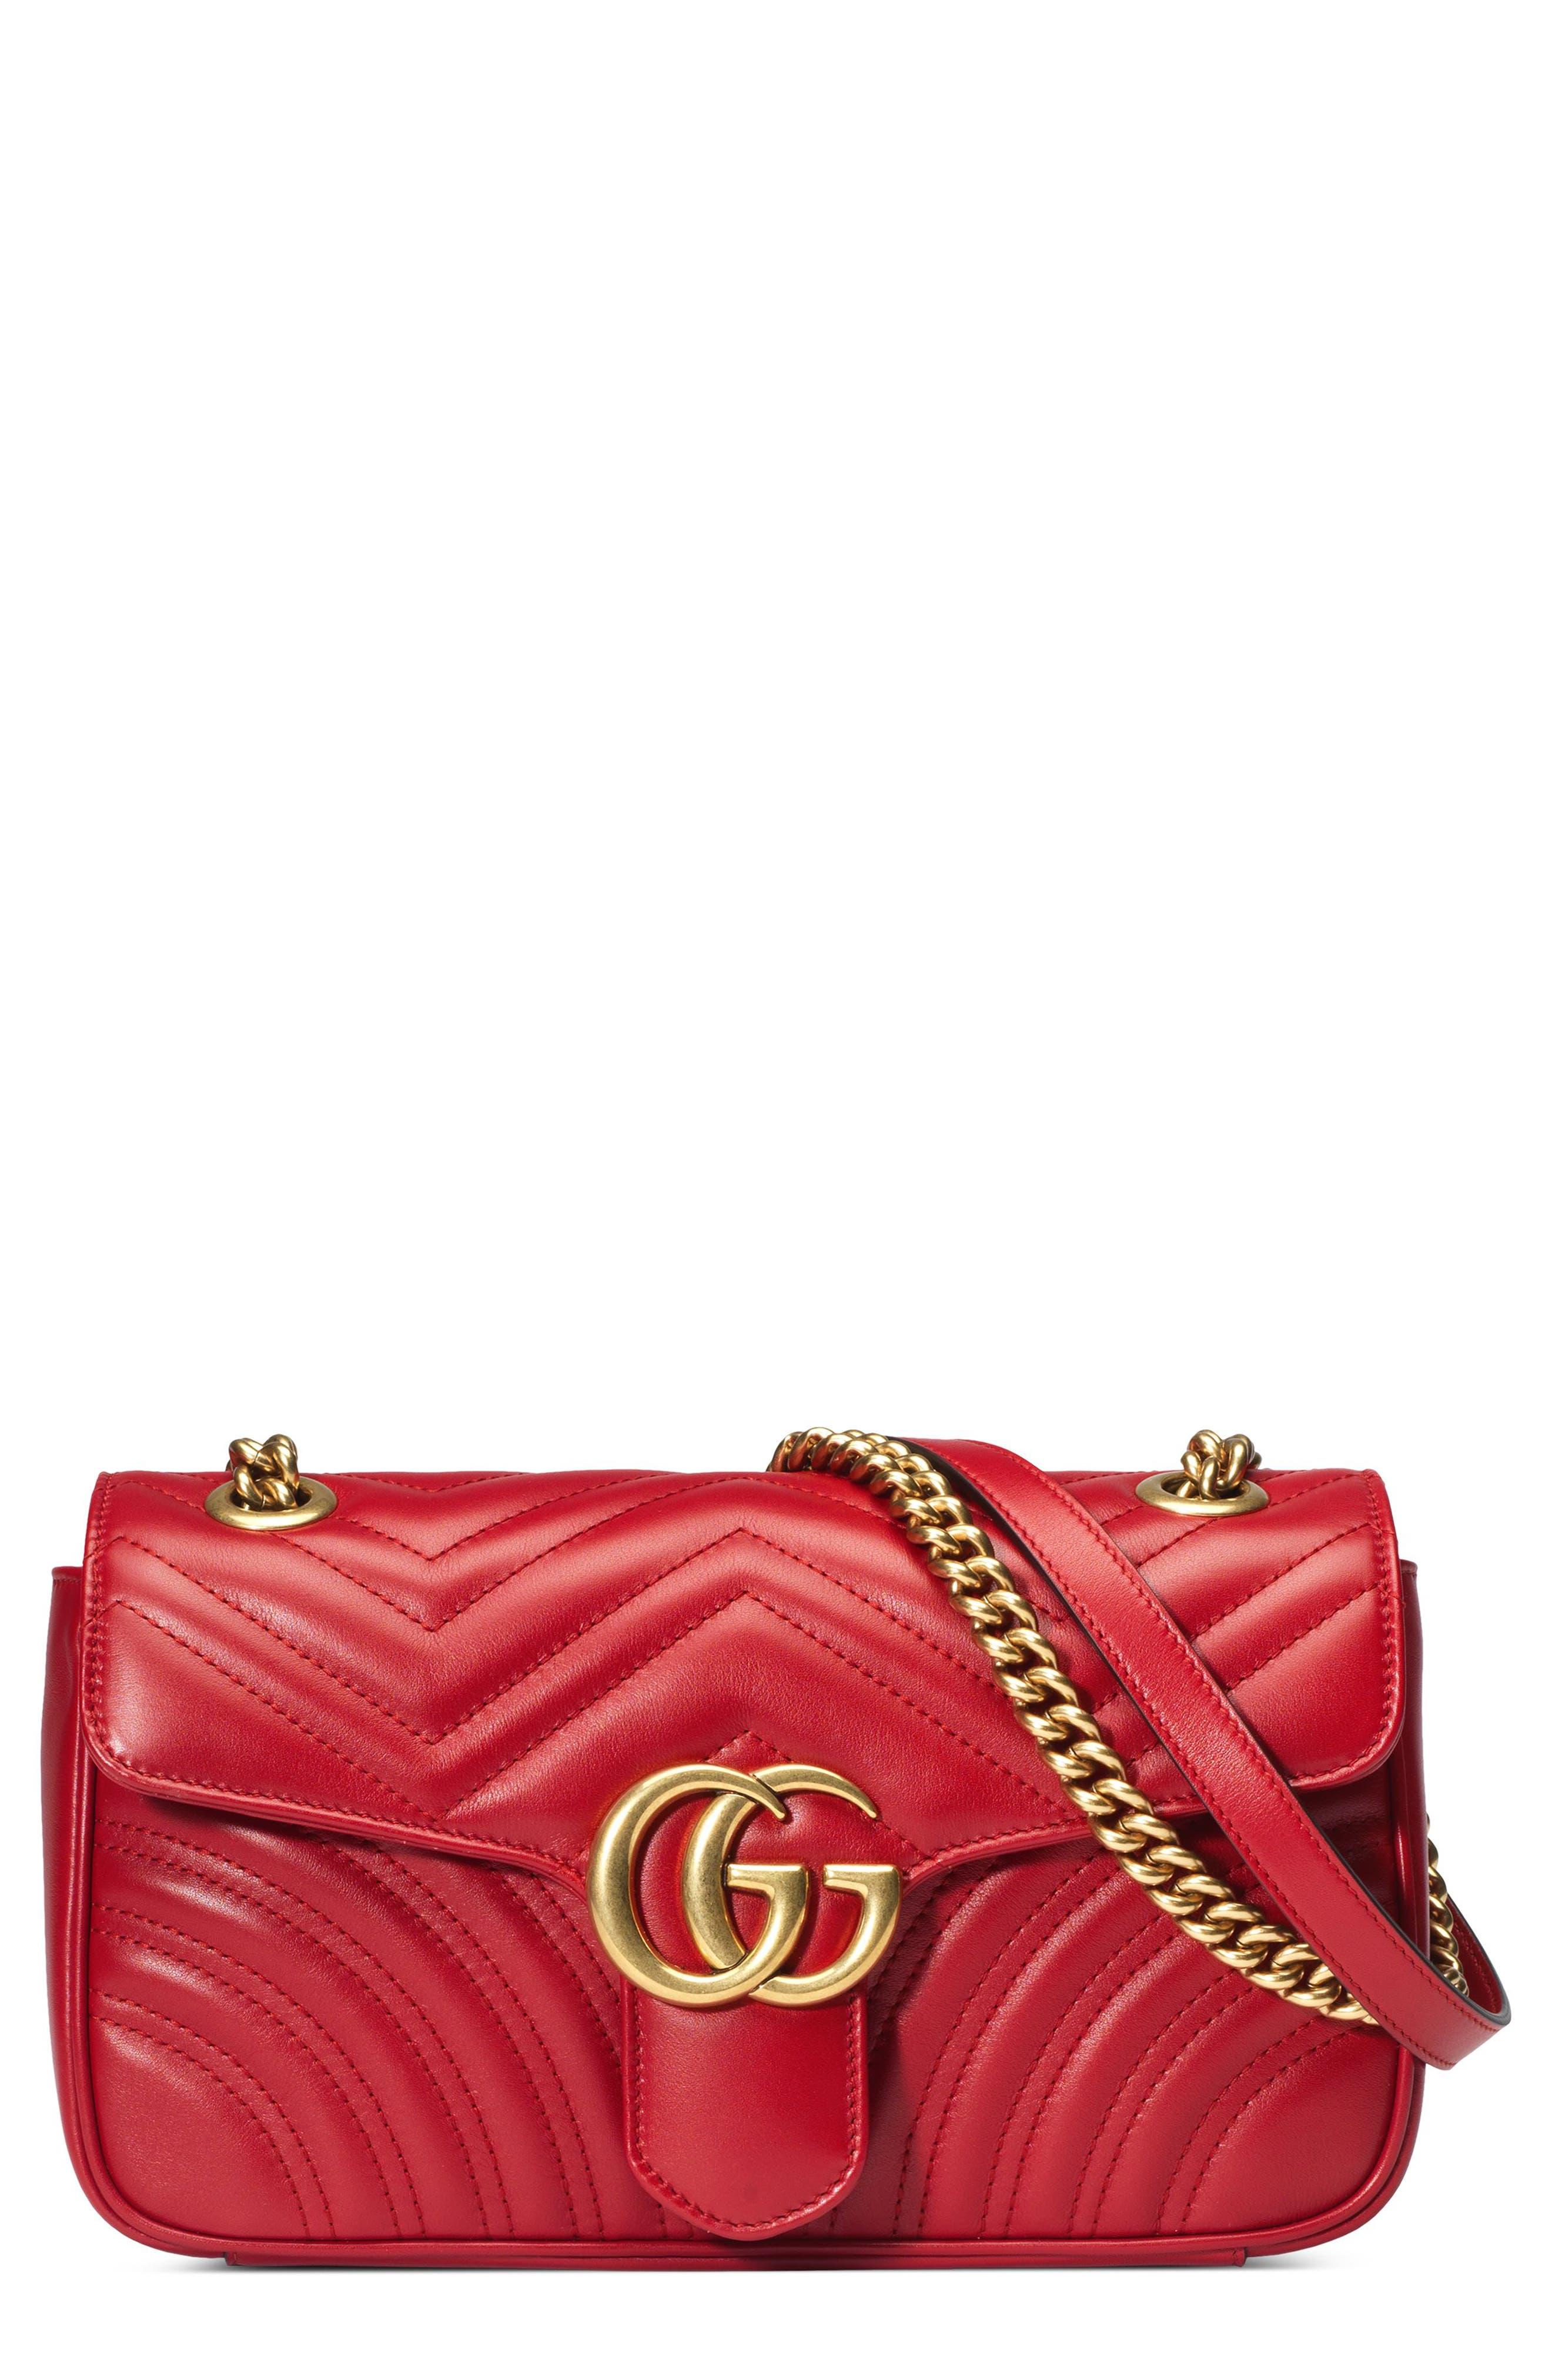 Gucci Small GG Marmont 2.0 Matelassé Leather Shoulder Bag